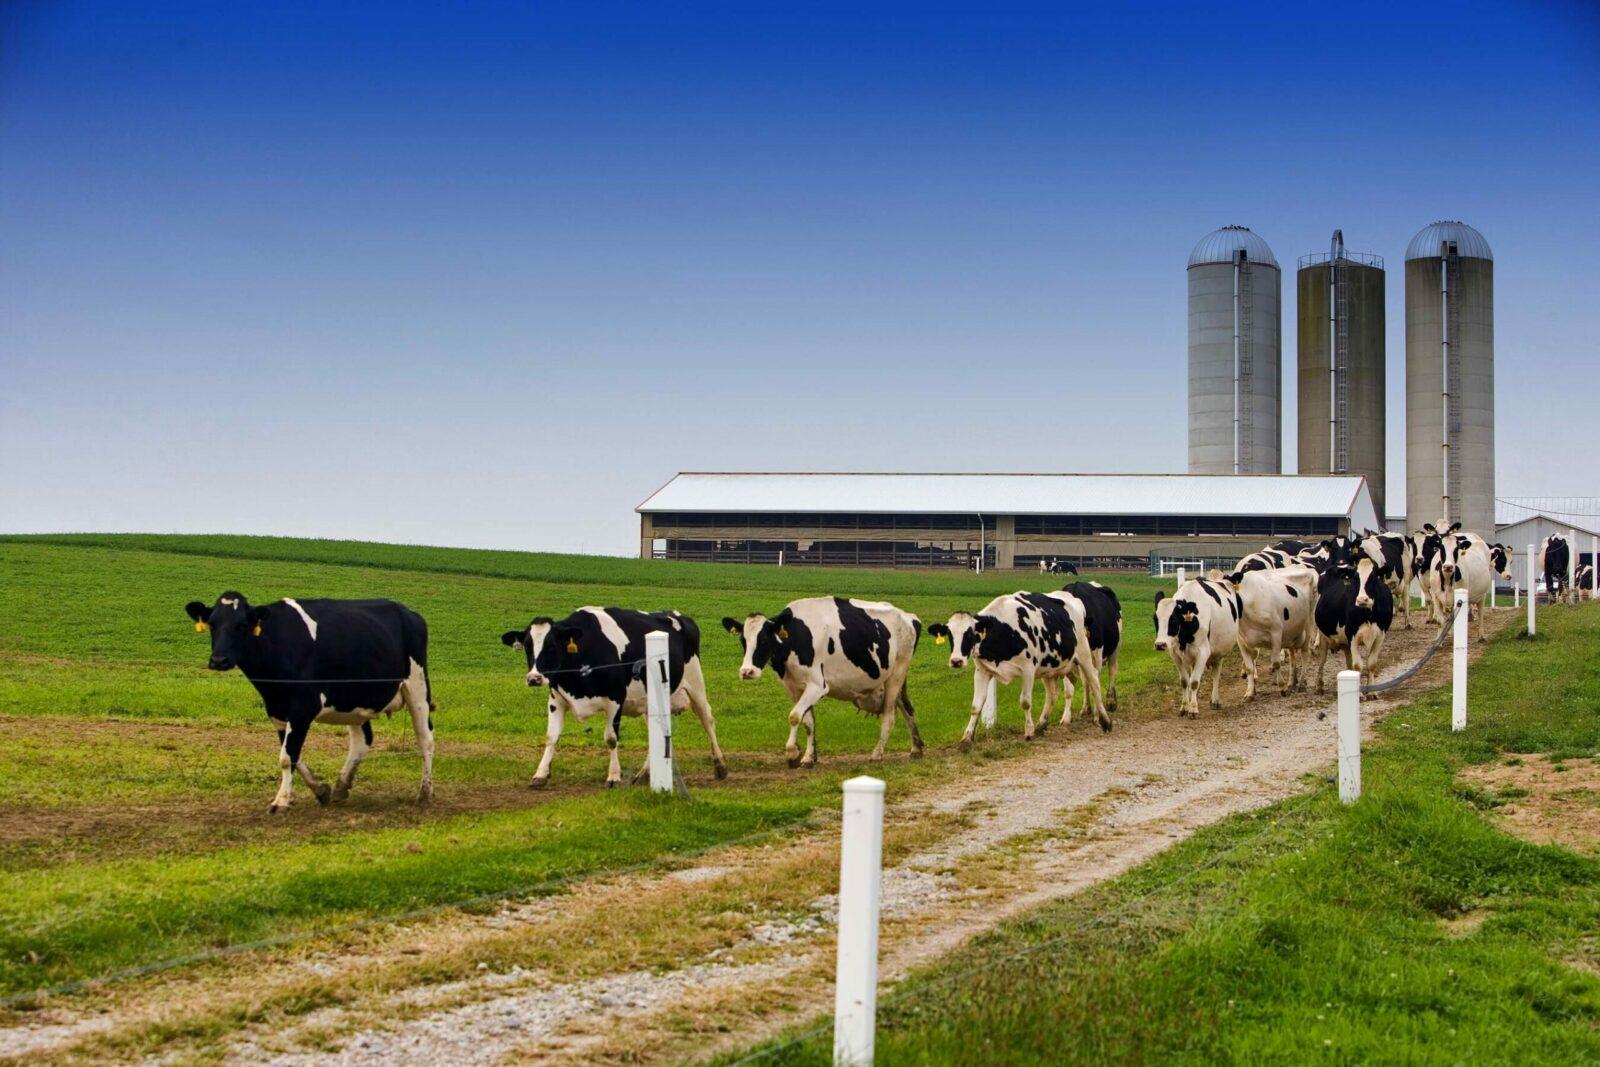 В Инннополисе разрабатывают систему управления молочной фермой на основе компьютерного зрения